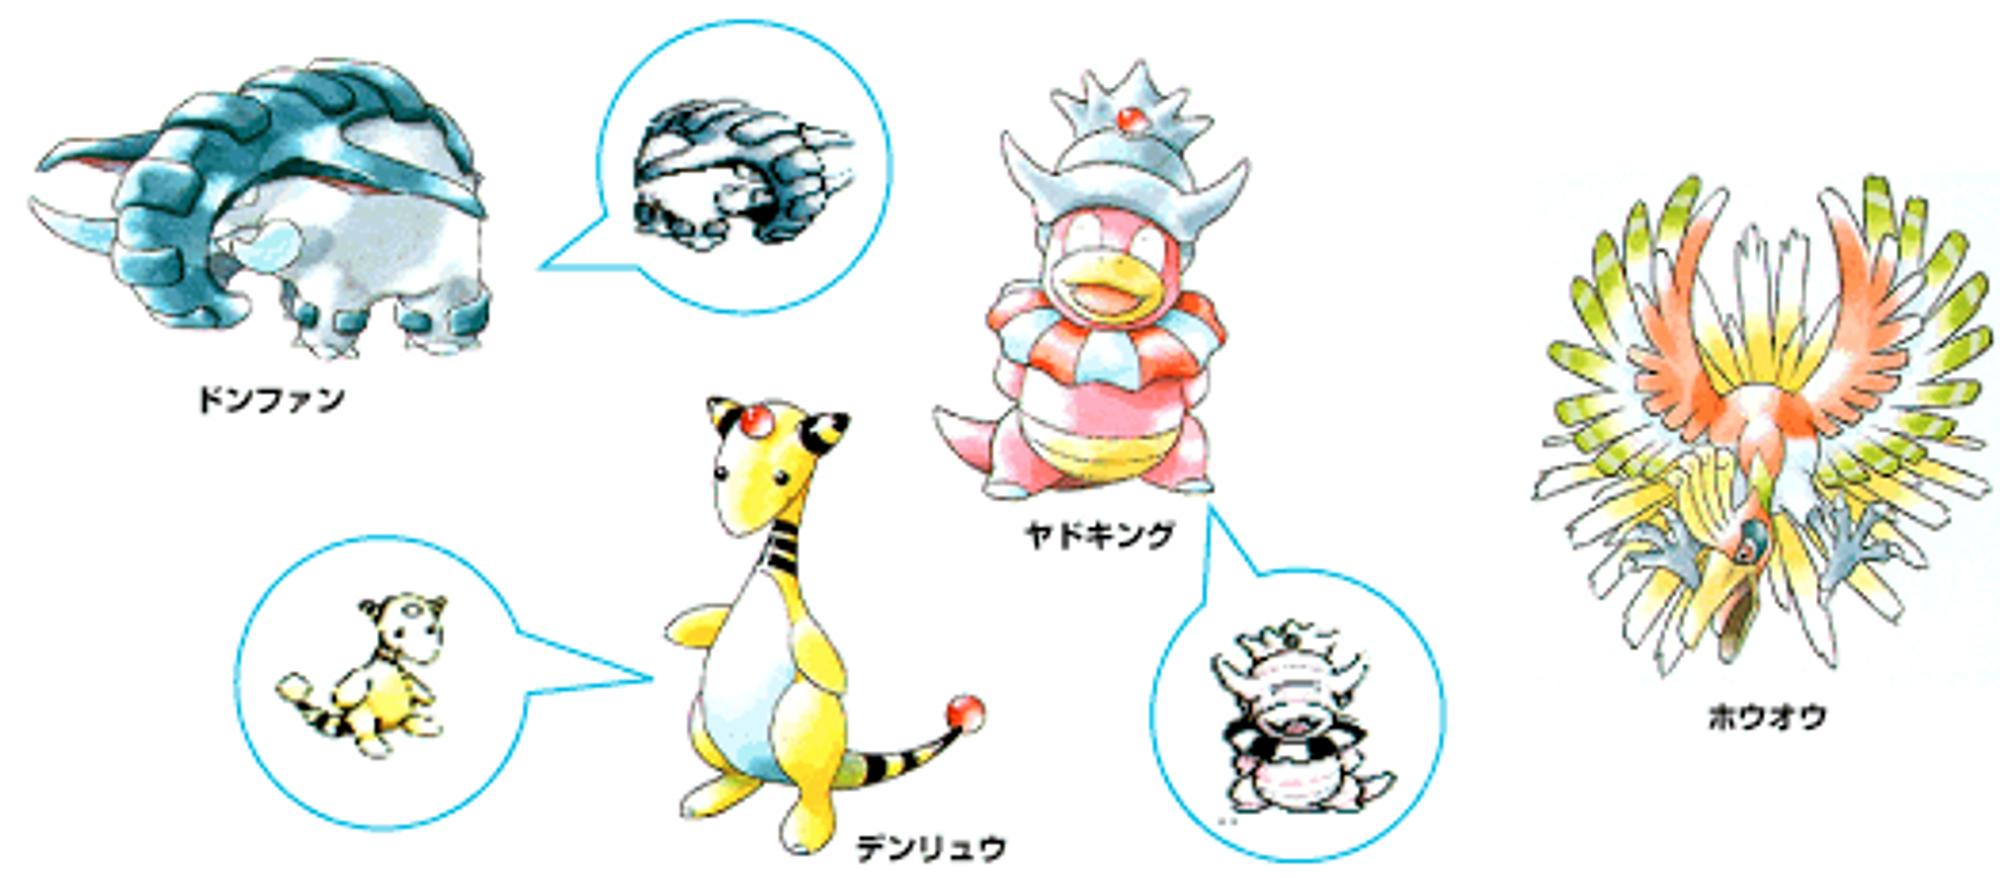 Disse var noen av de første nye monstrene vi kjente til.